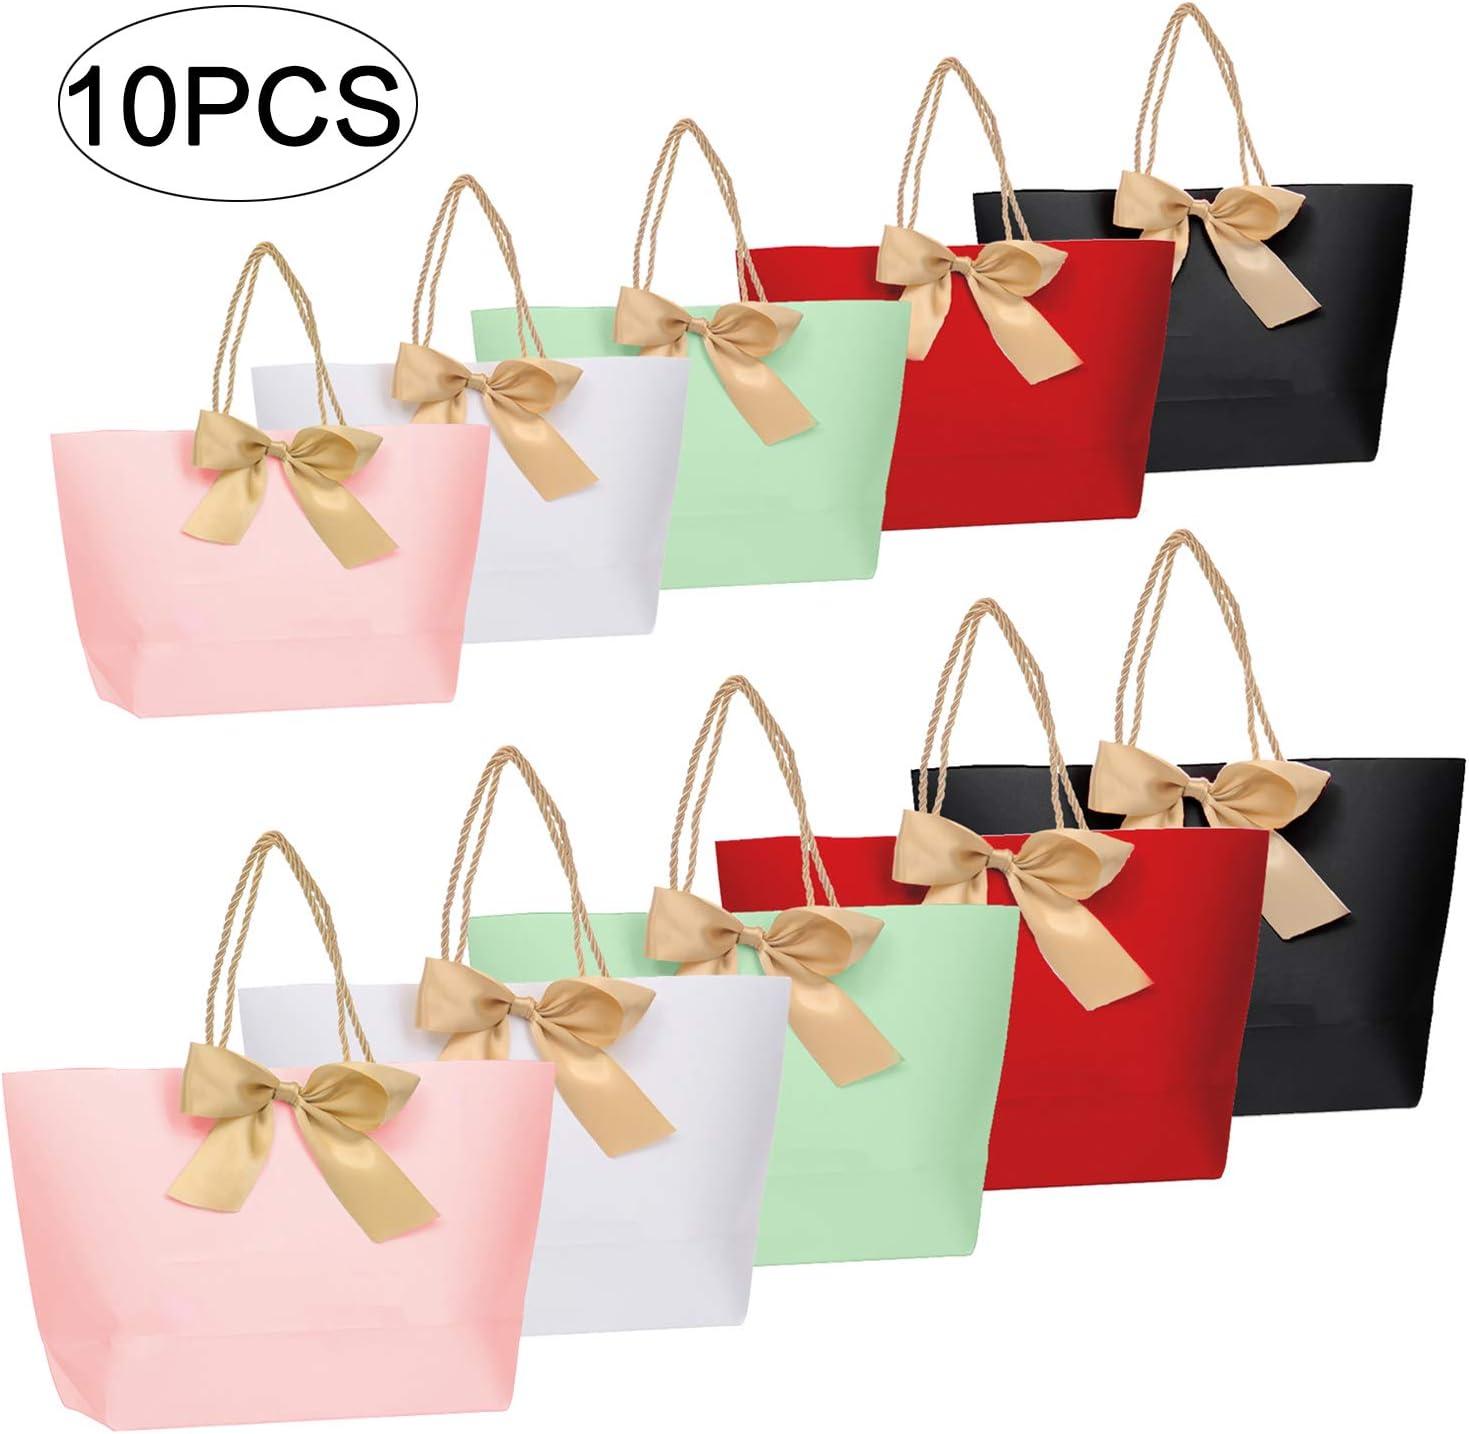 Bolsas de papel para fiestas, 10 piezas Bolsas de regalo con asas y cinta de lazo, Bolsas de regalo para cumpleaños Celebración de fiesta de bodas Papel de regalo (Multicolor)